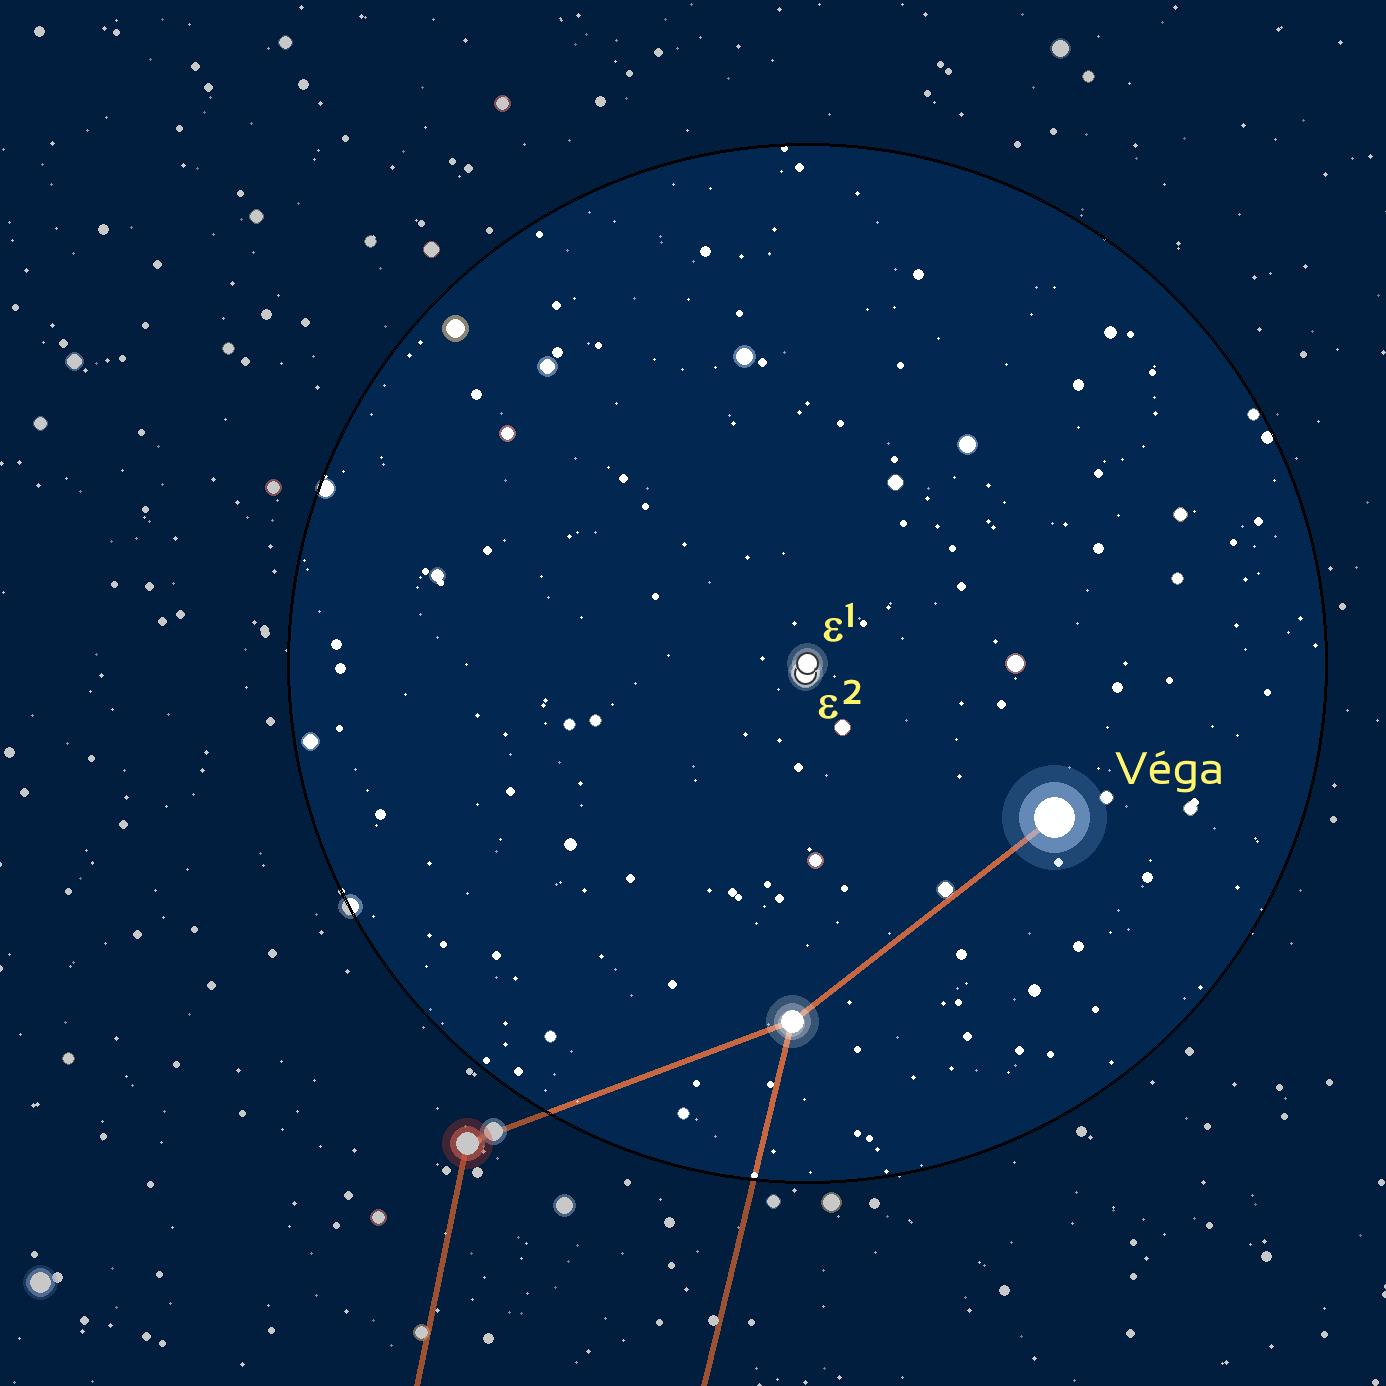 carte du ciel de Epsilon 1 et 2